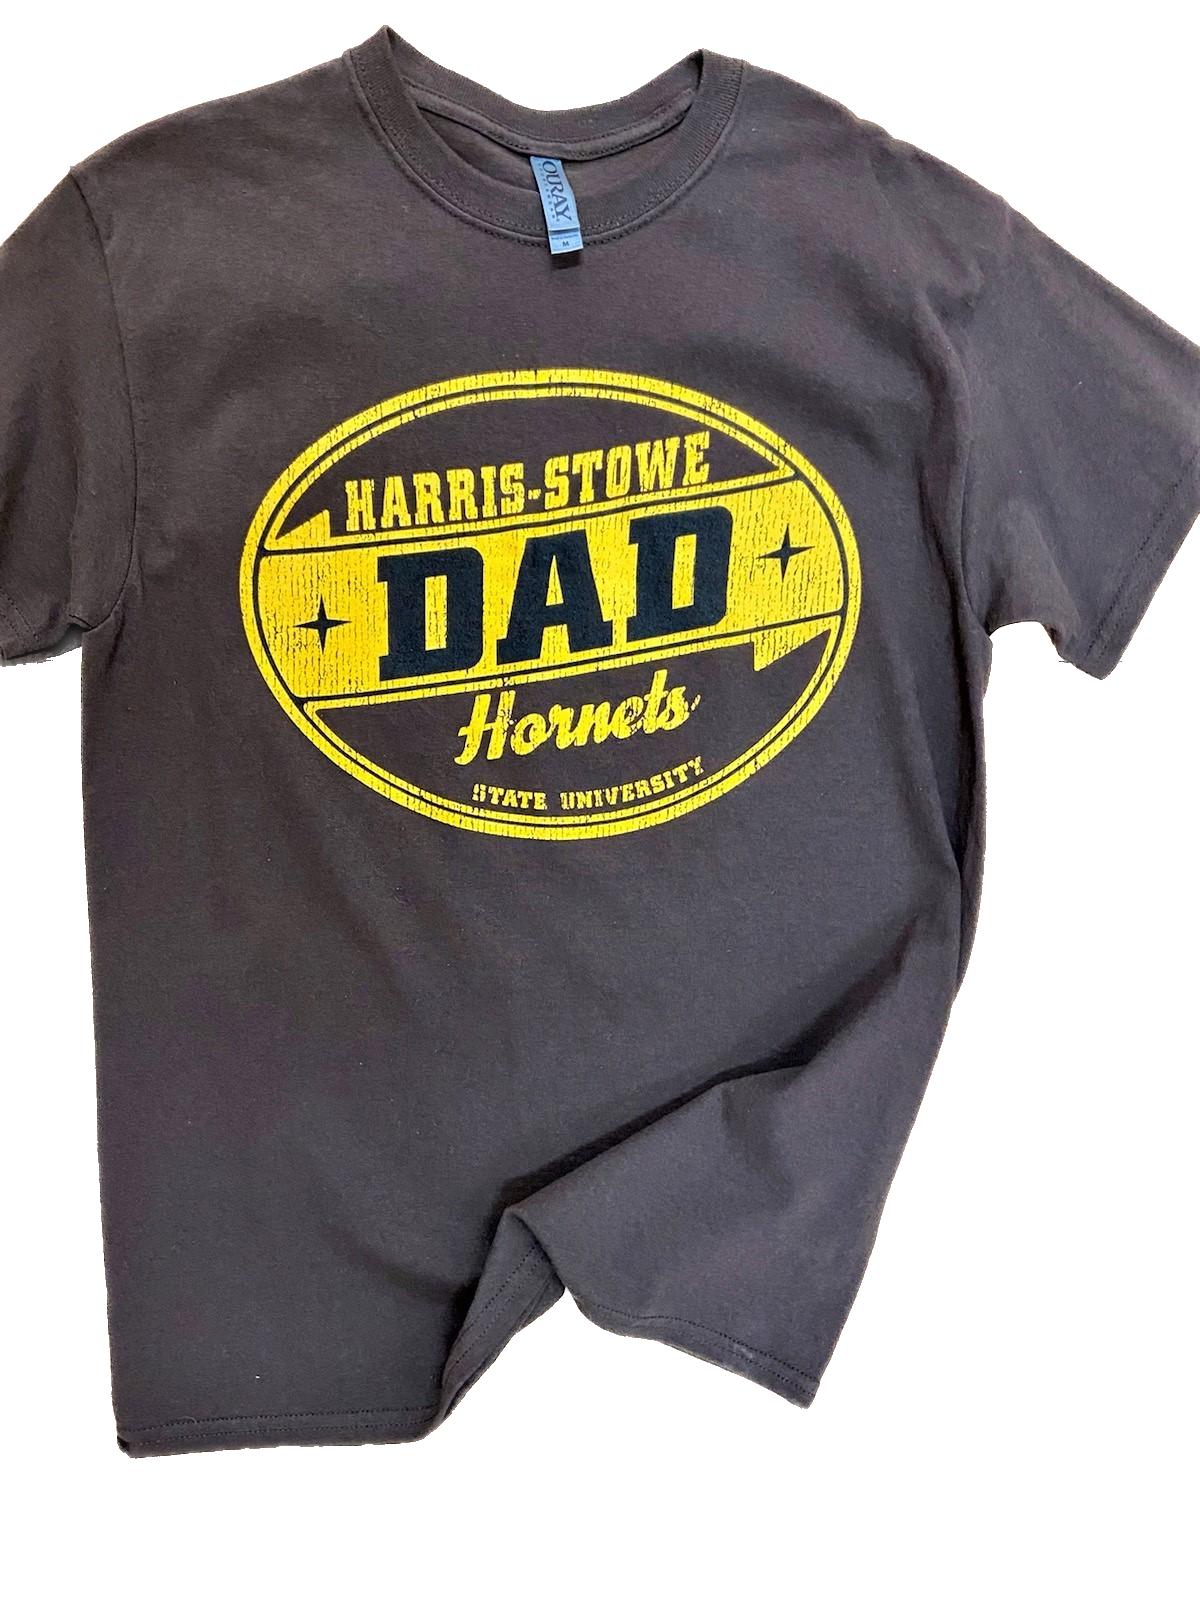 HSSU Dad T-shirt